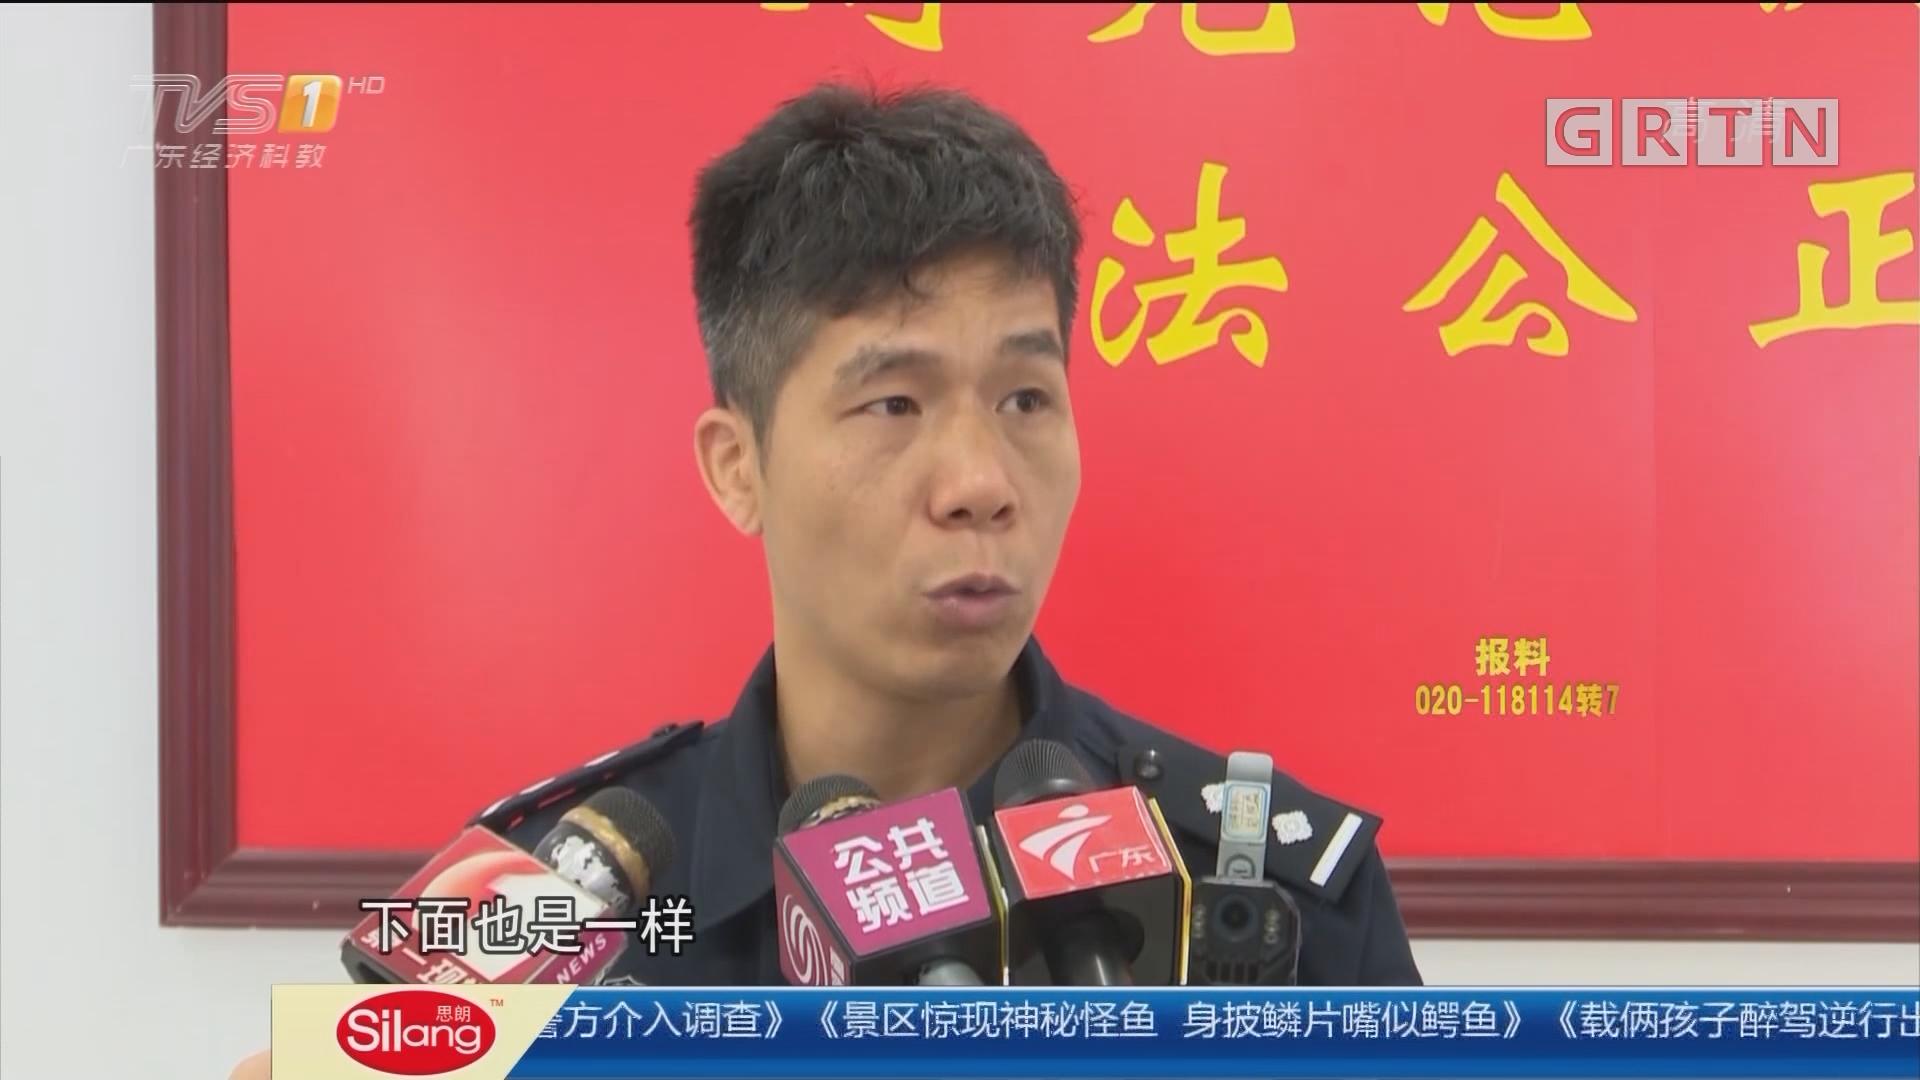 深圳:交警查获超载车 核载34人塞进53人